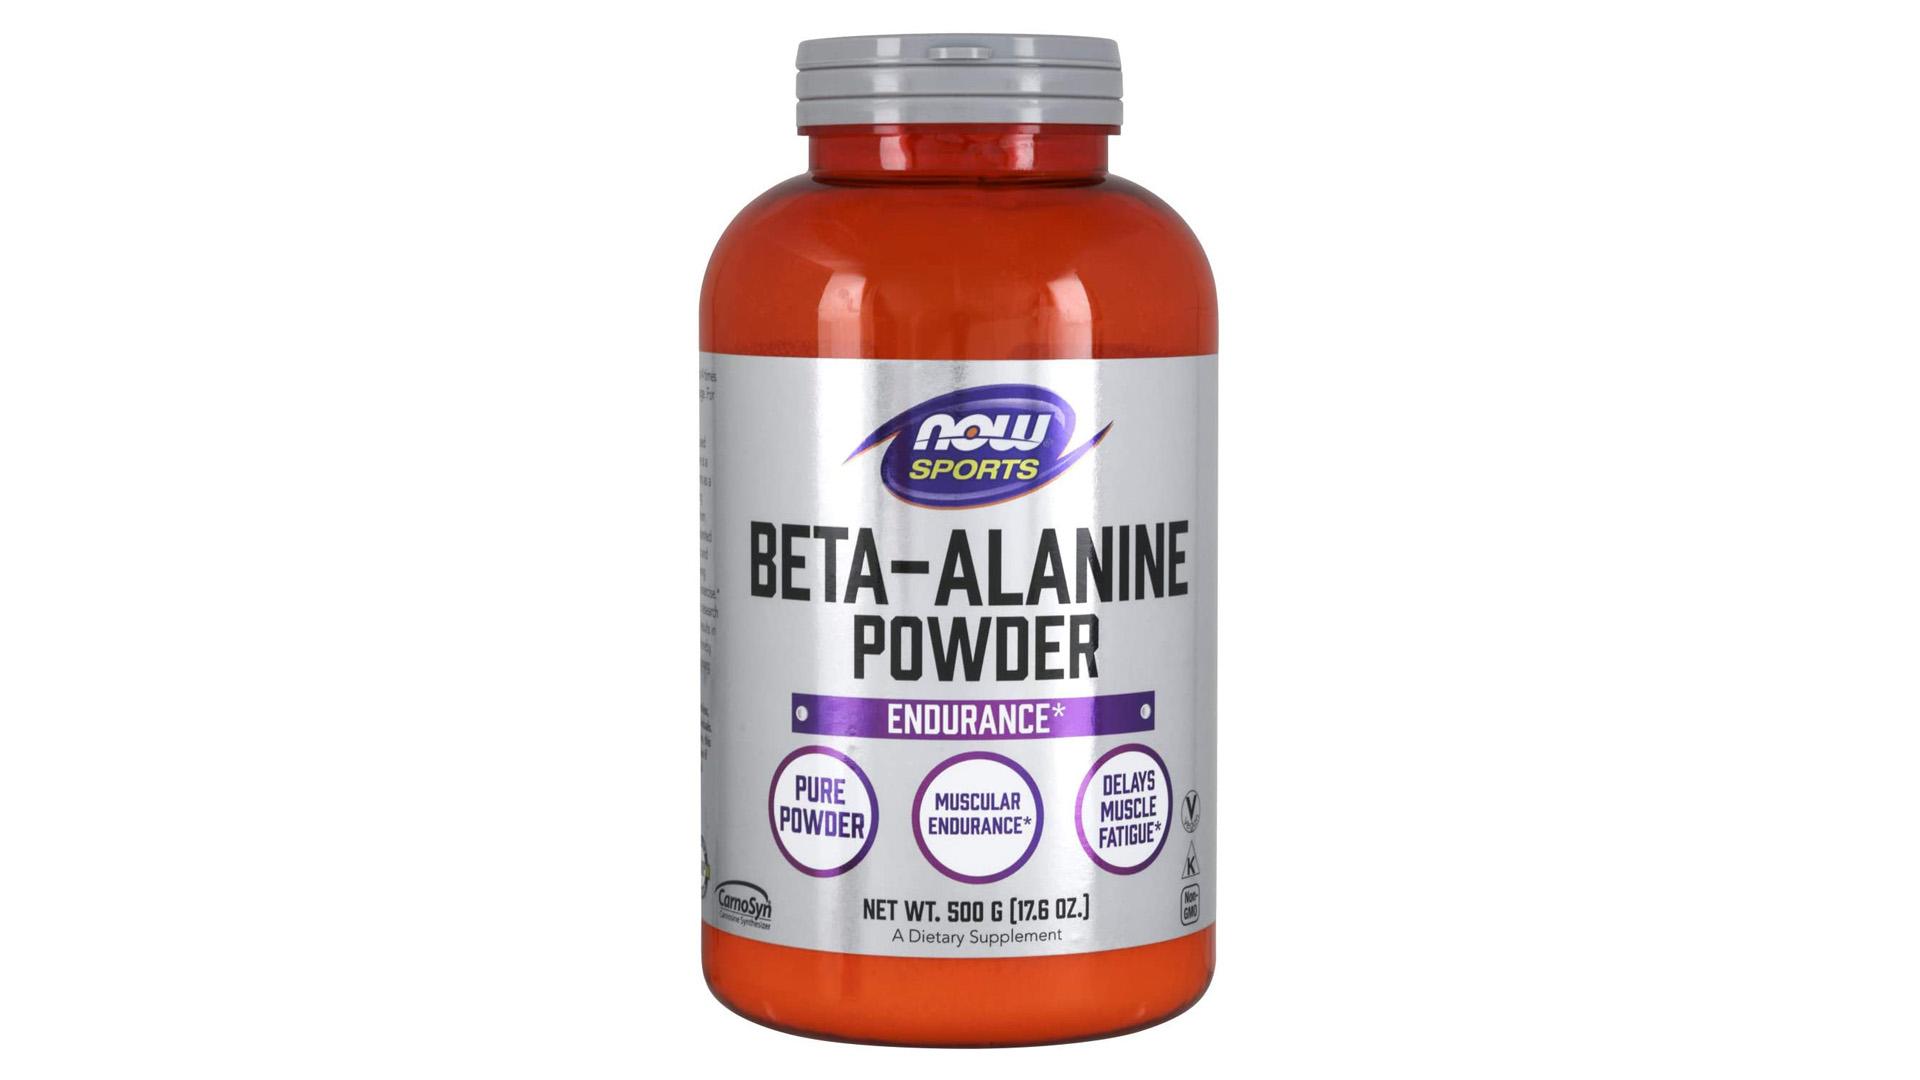 NOW Sports Beta Alanine Powder